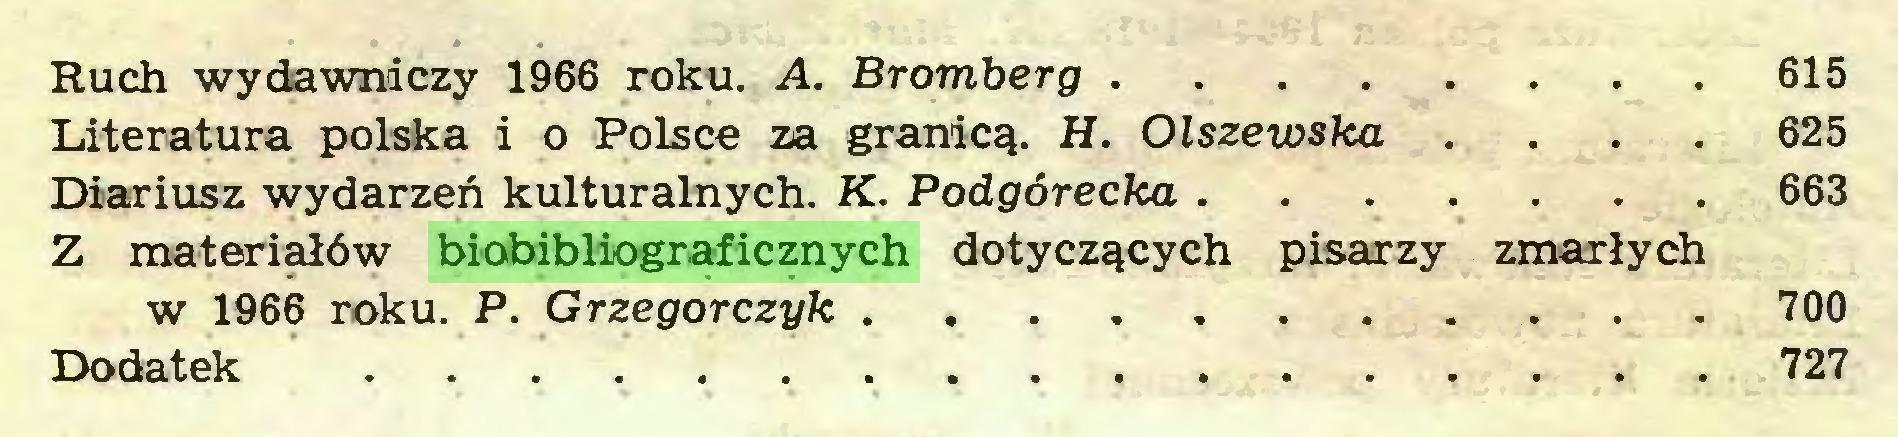 (...) Ruch wydawniczy 1966 roku. A. Bromberg 615 Literatura polska i o Polsce za granicą. H. Olszewska ... 625 Diariusz wydarzeń kulturalnych. K. Podgórecka ... 663 Z materiałów biobibliograficznych dotyczących pisarzy zmarłych w 1966 roku. P. Grzegorczyk 700 Dodatek 727...